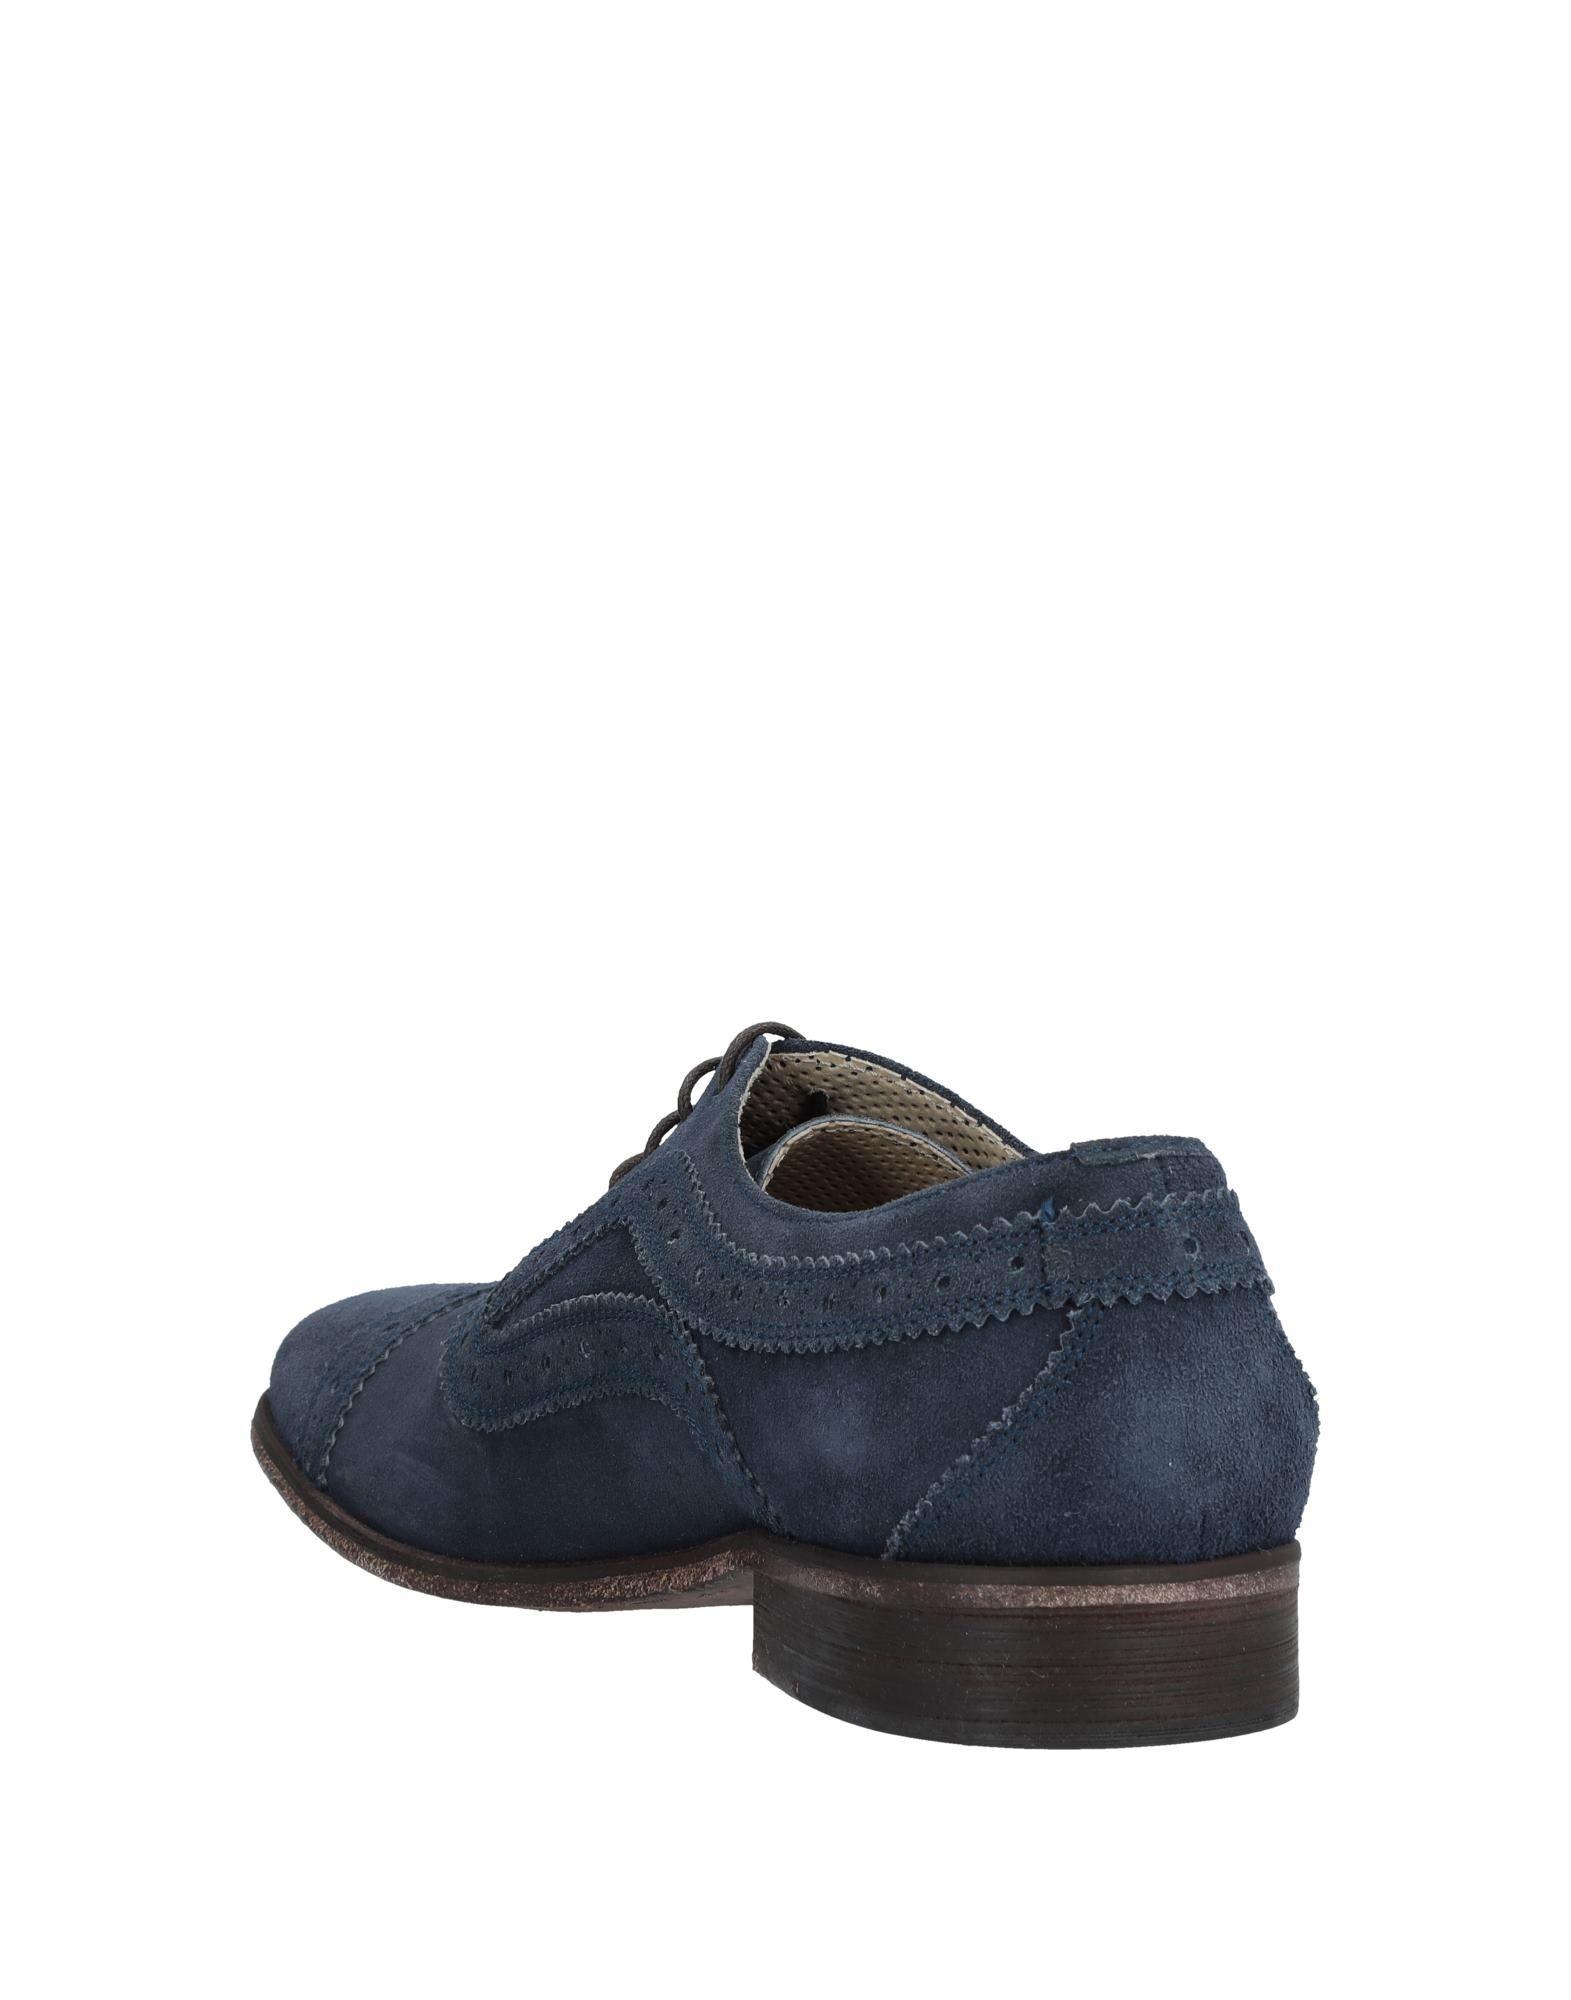 Rabatt echte Schnürschuhe Schuhe Daniele Alessandrini Schnürschuhe echte Herren 11537675EJ 3f527e